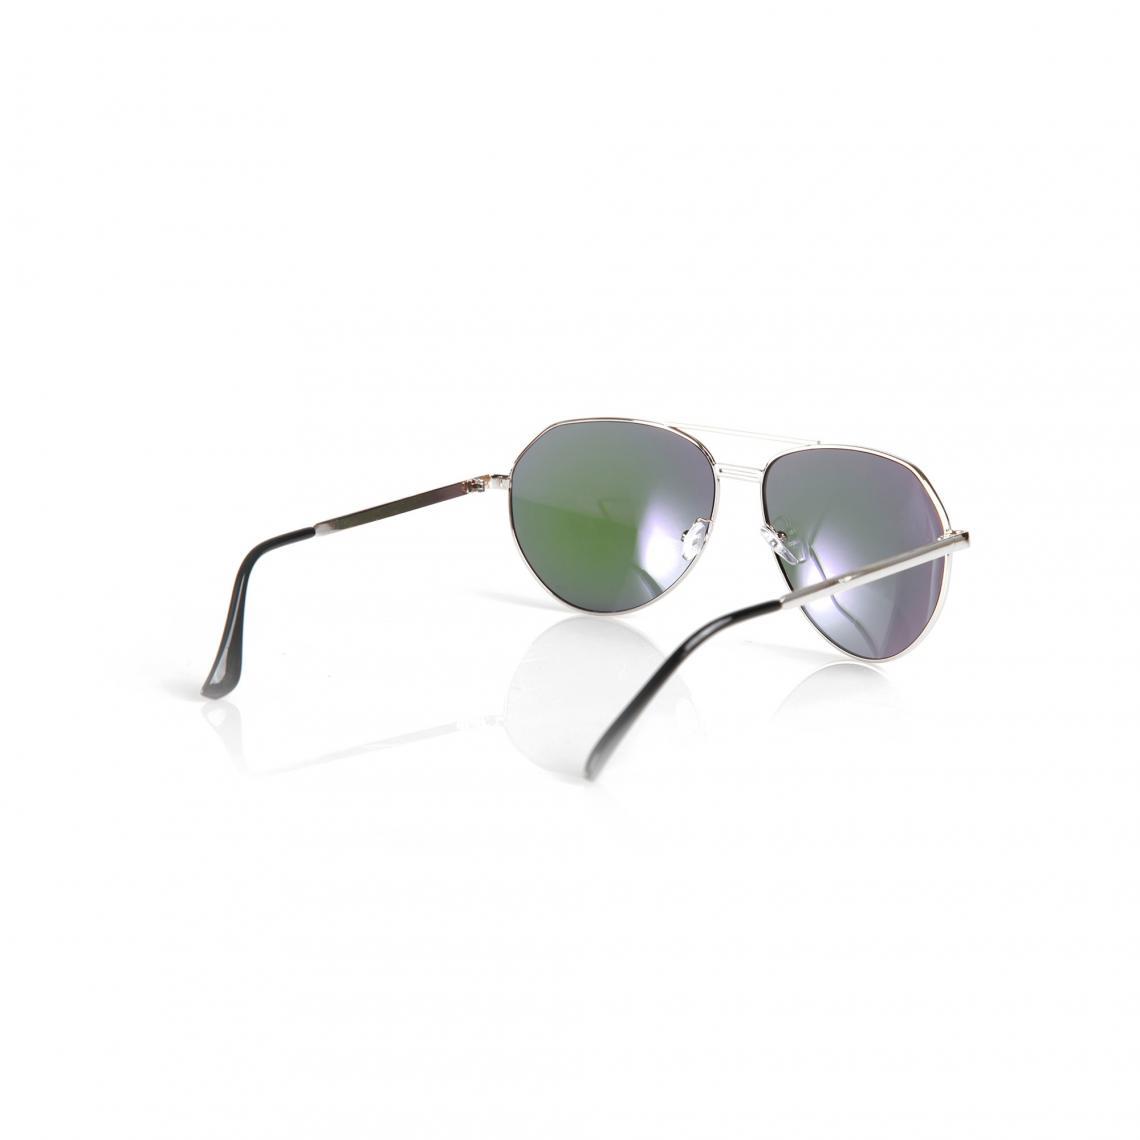 Lunettes de soleil monture métallique argentée style aviateur femme -  argenté e698a982310c